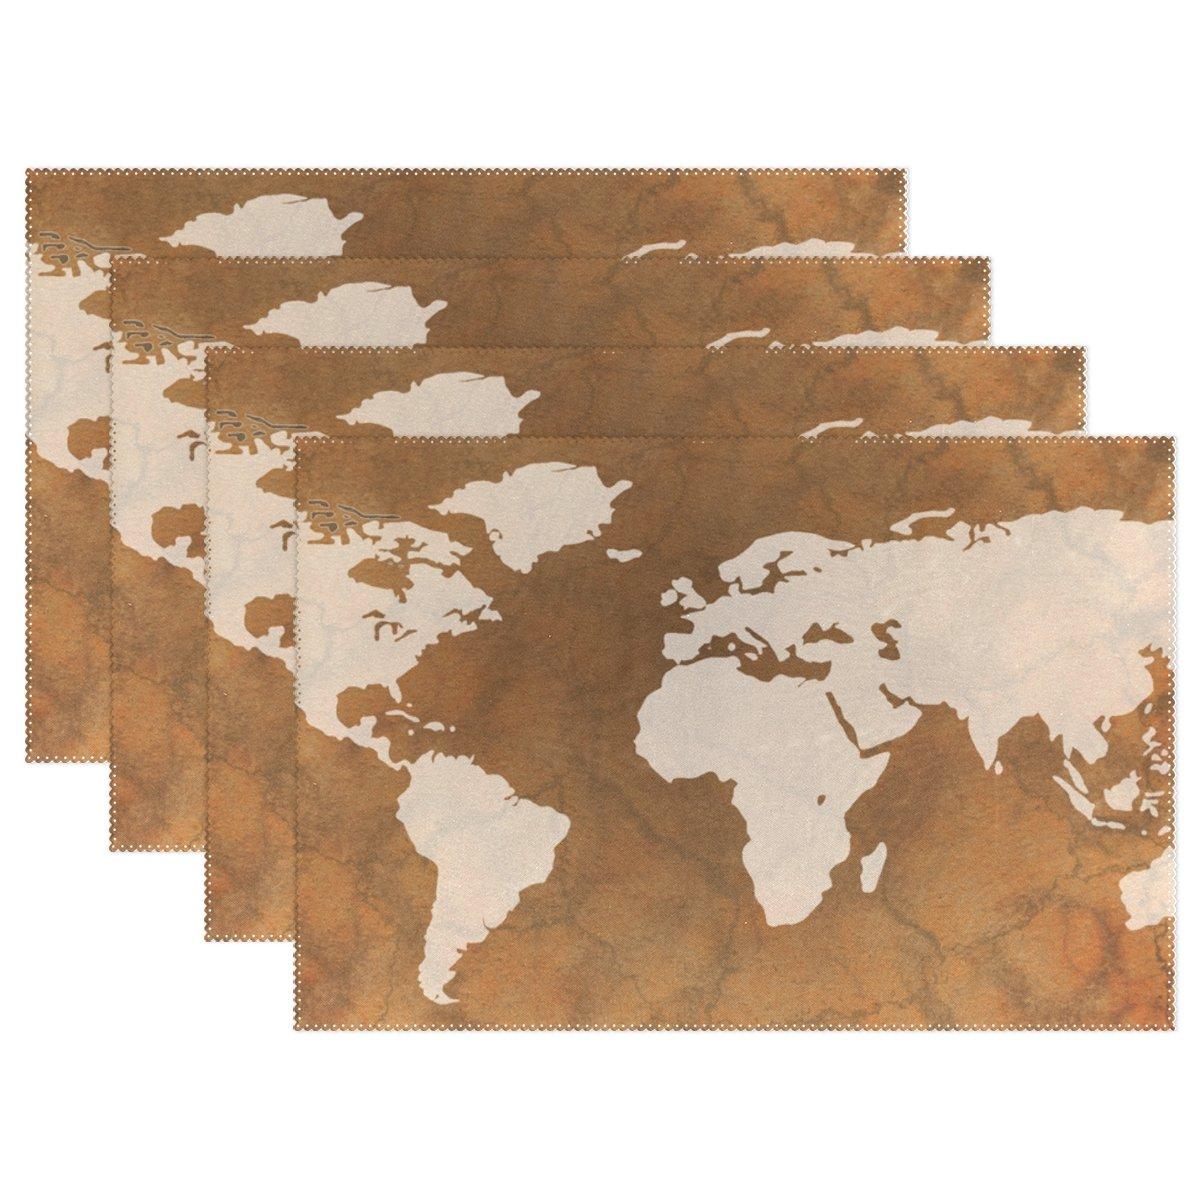 ワールドマップ印刷、プレースマットalirea耐熱プレースマット汚れ防止滑り防止洗濯可能ポリエステルテーブルマット非スリップEasy Cleanプレースマット、12